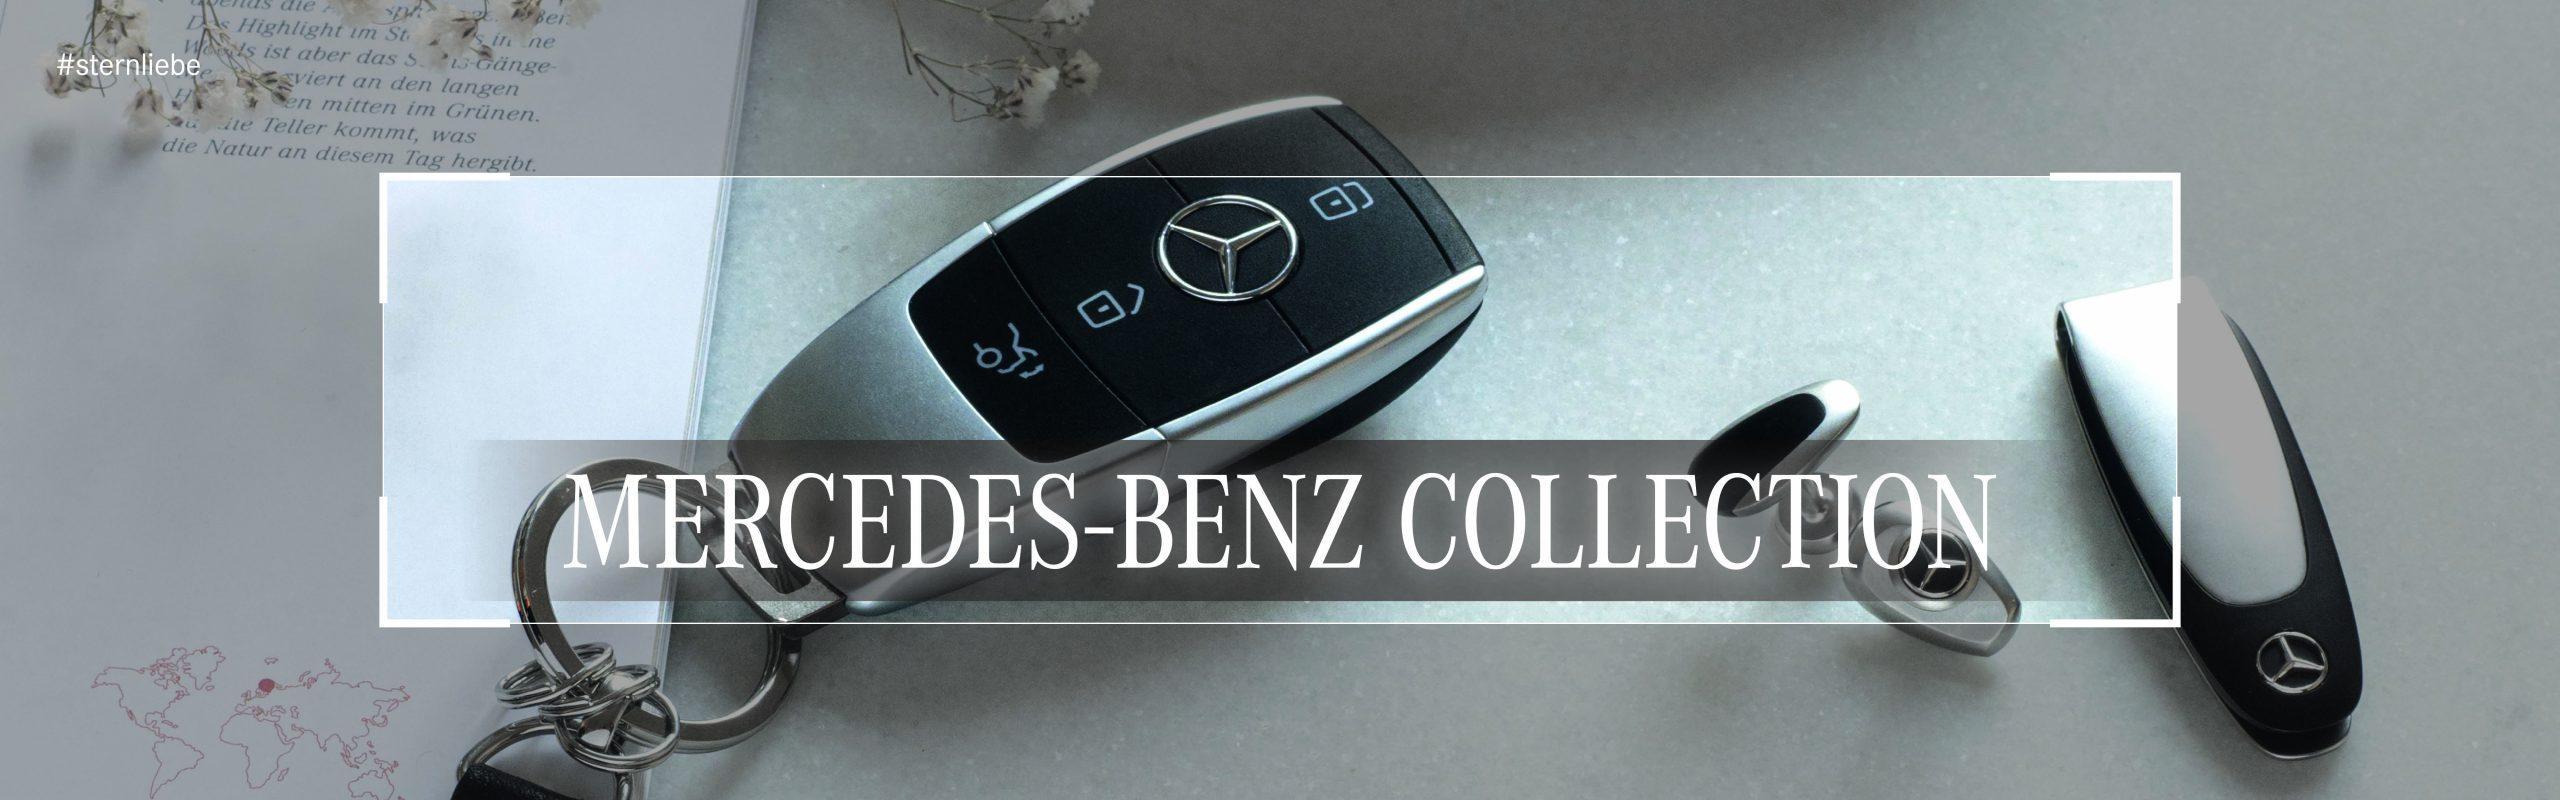 Mercedes-Brinkmann-Mercedes-Autohaus-Benz-Teile-&-Zubehör-Mercedes-Benz-Collection-Header